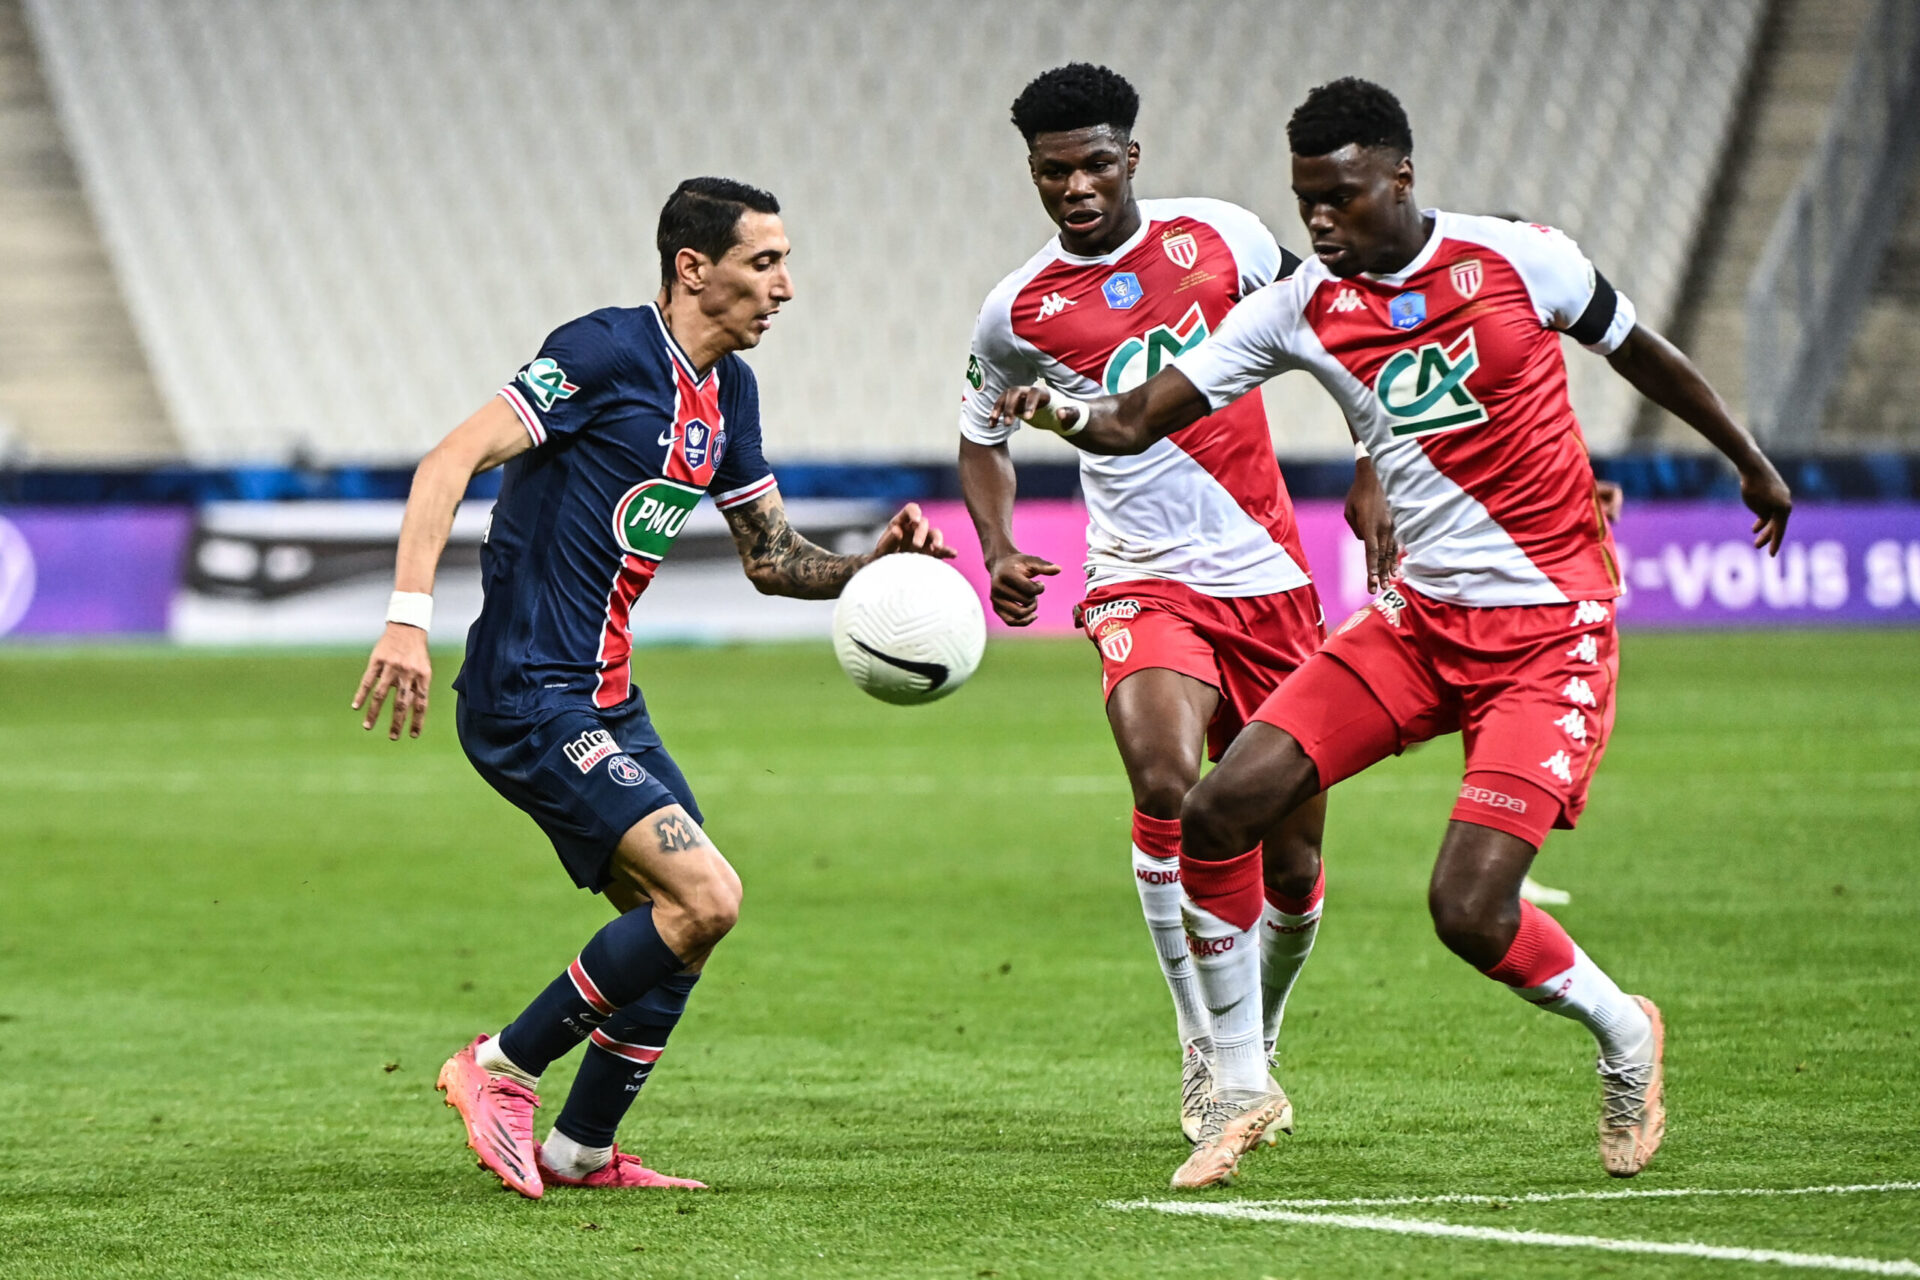 L'AS Monaco avait terminé troisième de Ligue à seulement 4 points du PSG et 5 points du LOSC (iconsport)